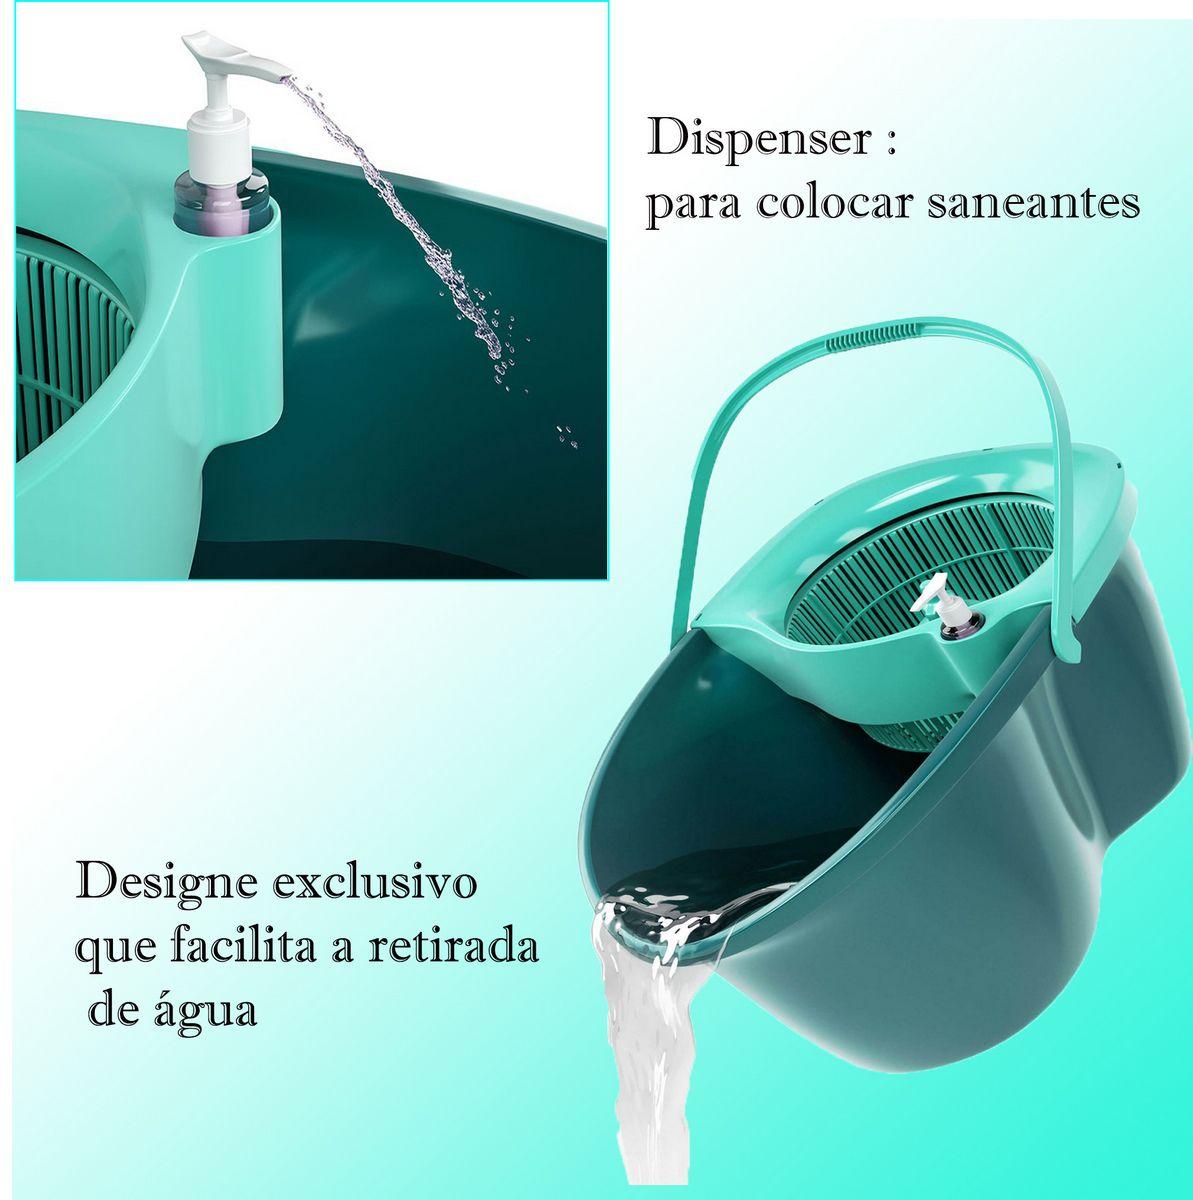 Mop Limpador Microfibra Flash Limp Giratório Odyssey Fit 360° Burrifador Balde Esfregão 1,28m Aço Inox 8 Litros Design Exclusivo Puxador Dispenser Limpeza Multiuso